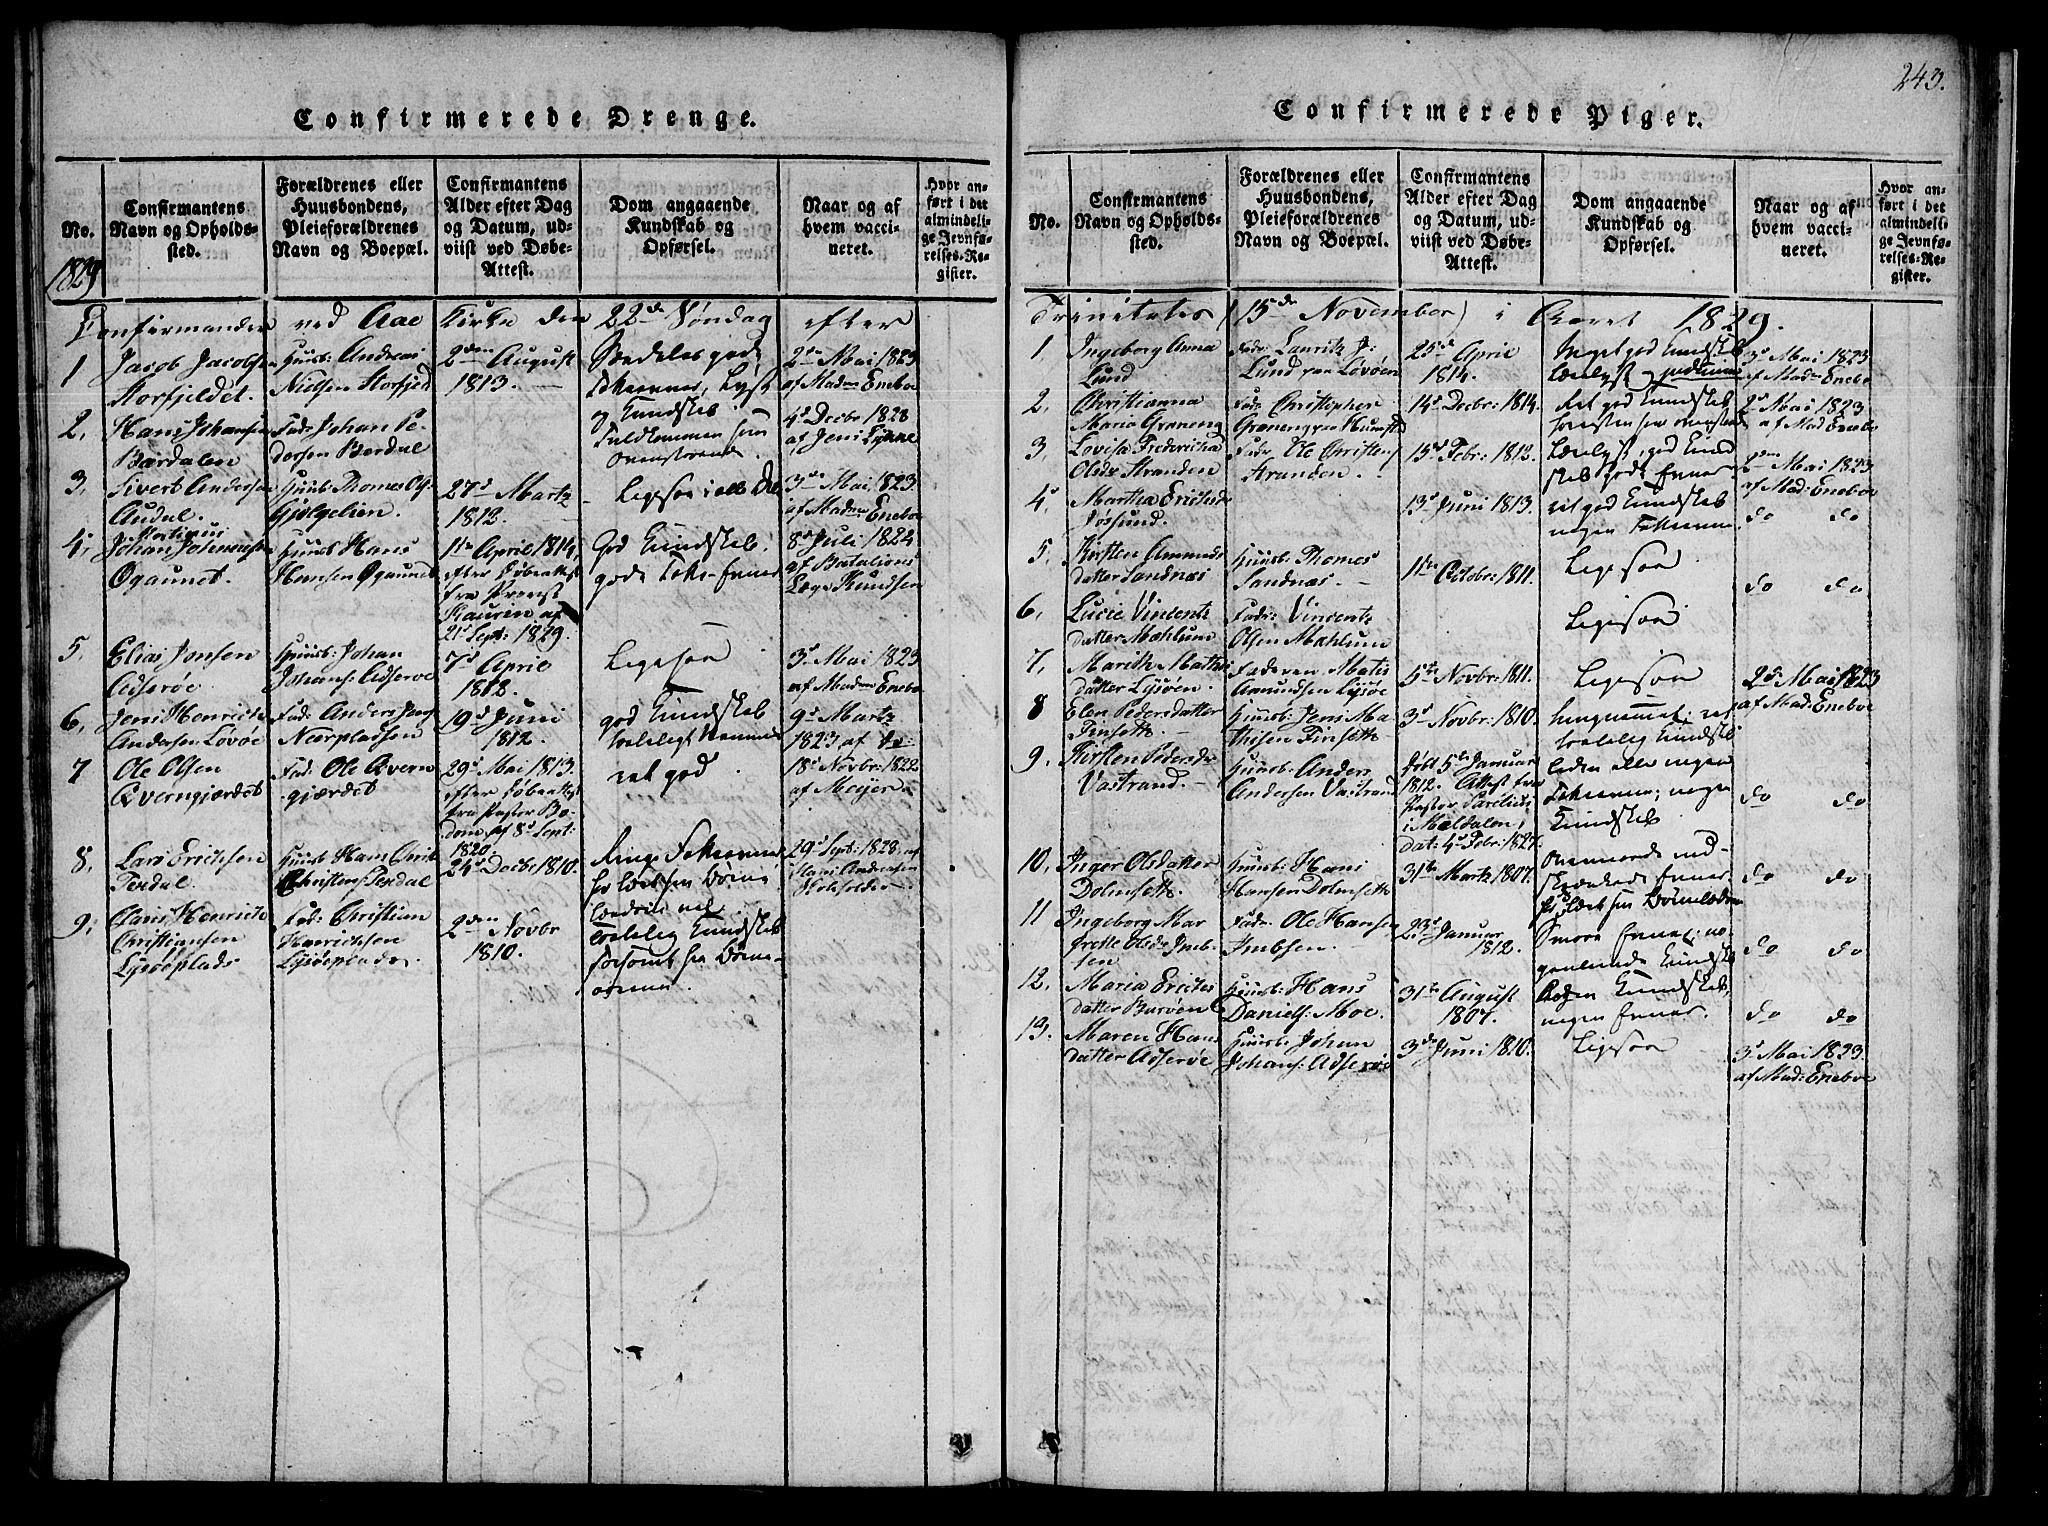 SAT, Ministerialprotokoller, klokkerbøker og fødselsregistre - Sør-Trøndelag, 655/L0675: Ministerialbok nr. 655A04, 1818-1830, s. 243